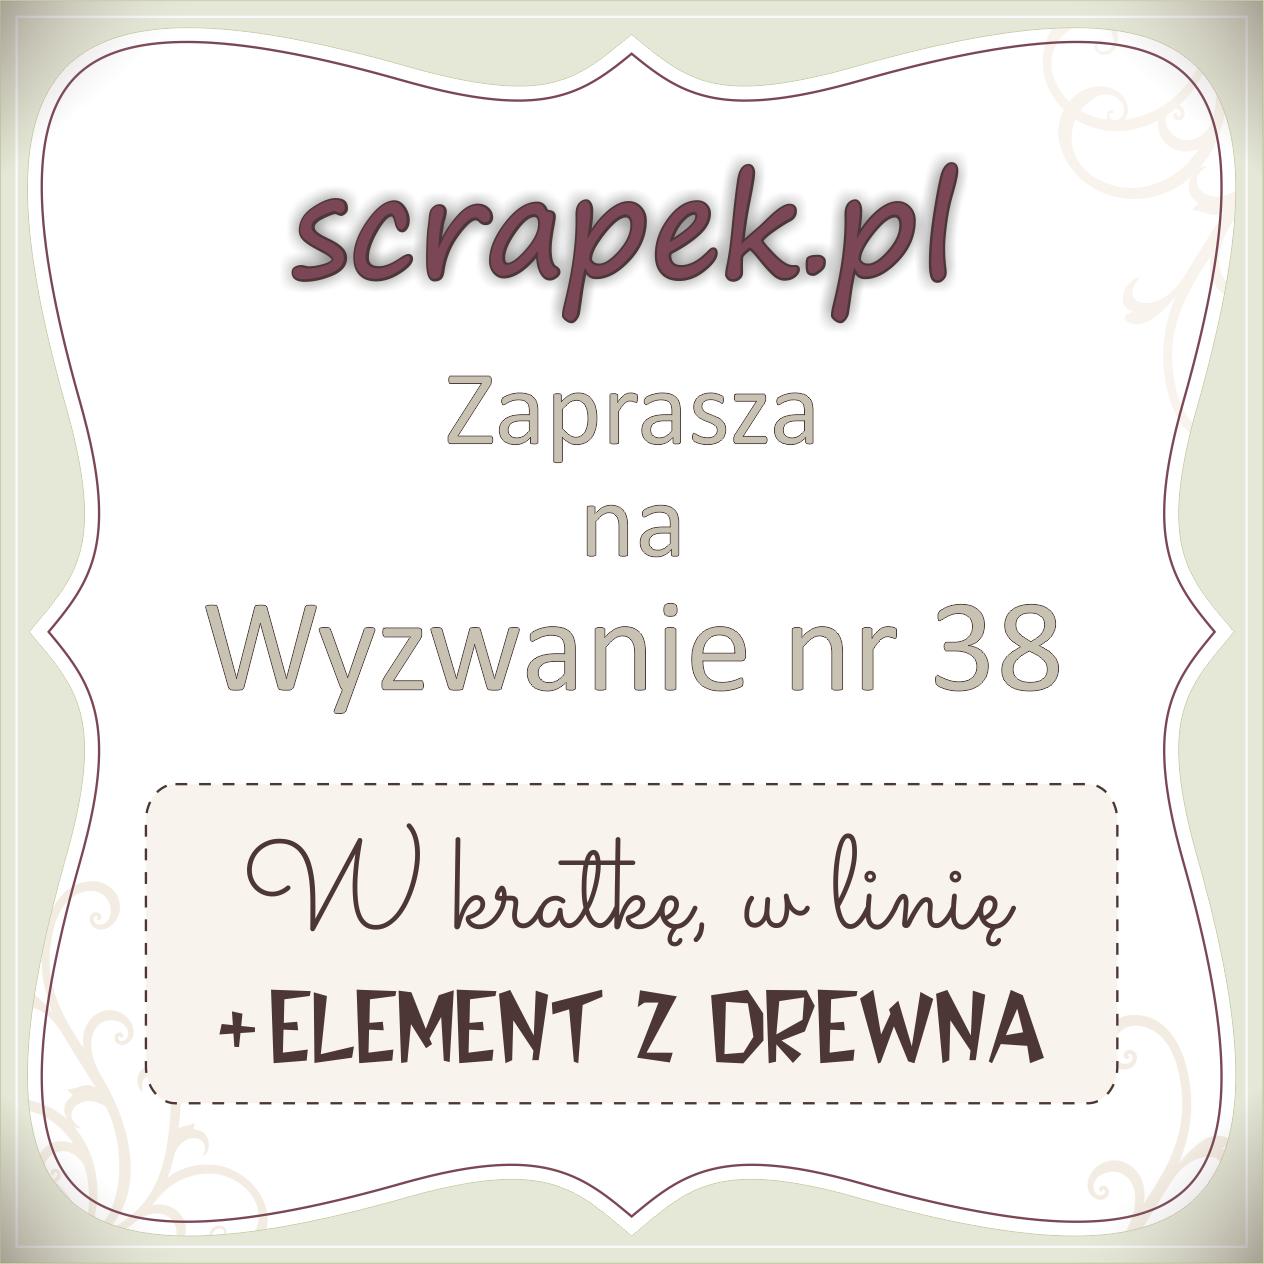 http://scrapek.blogspot.com/2015/09/wyzwanie-nr-38-w-kratke-w-linie-i-mae.html